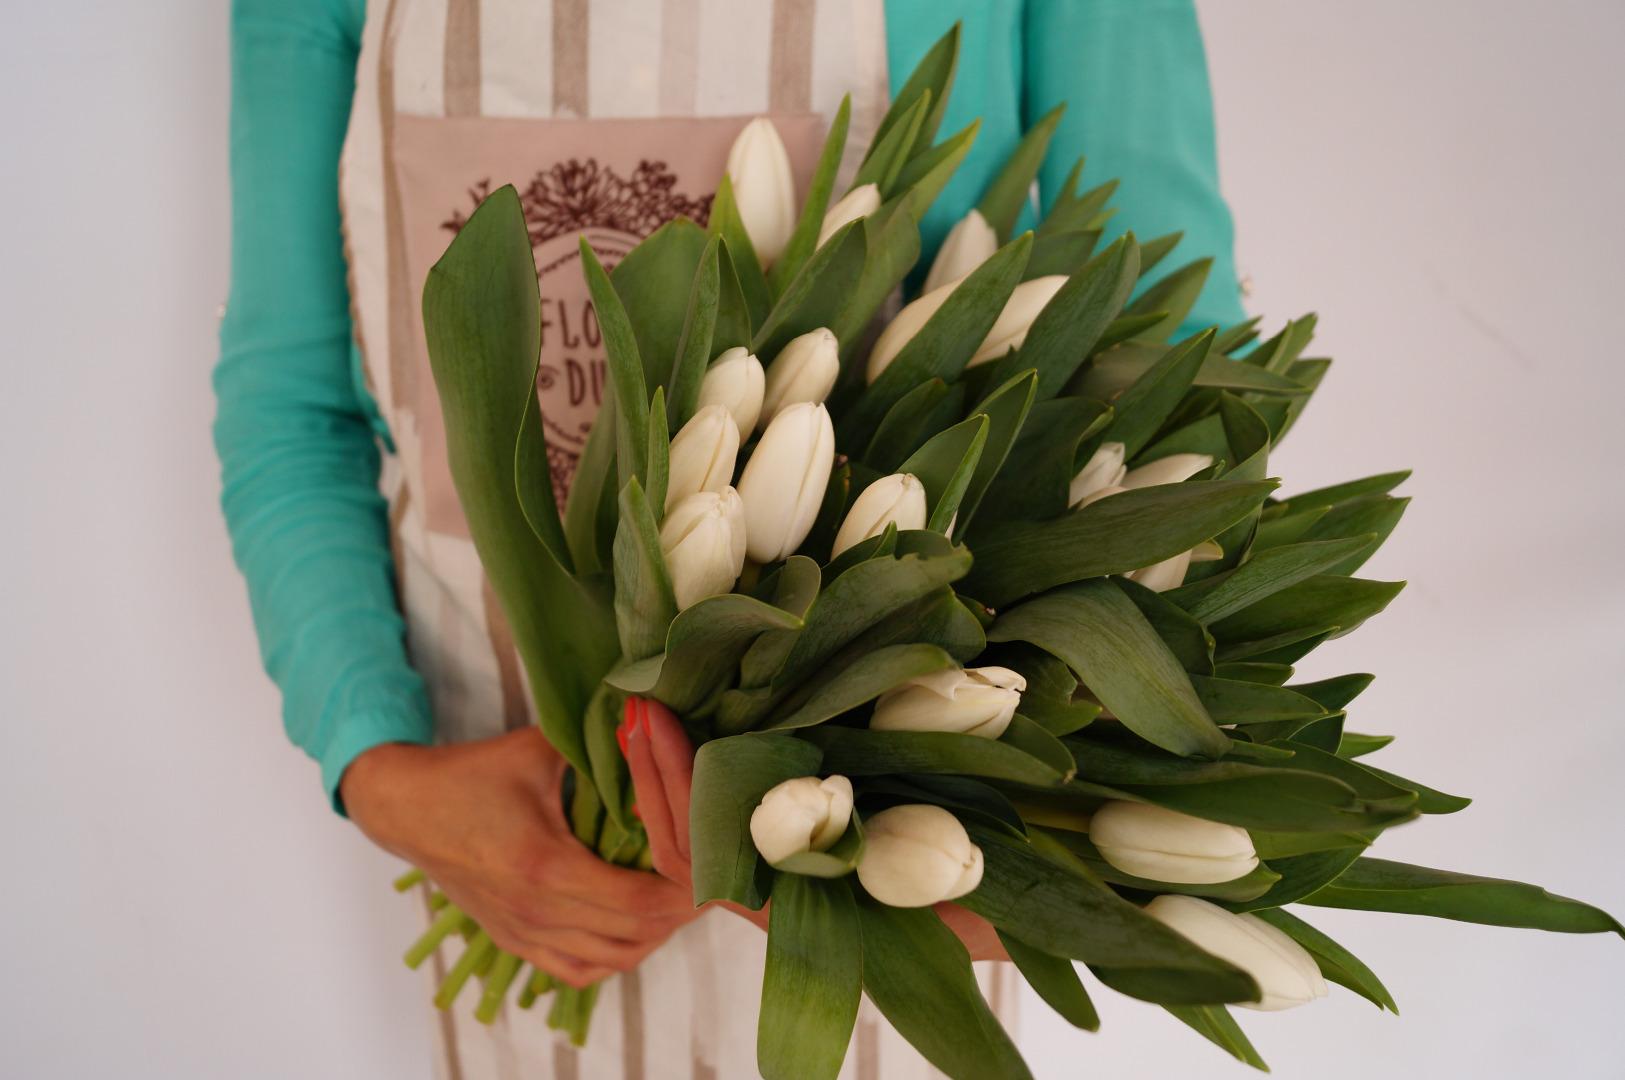 Цветов город, купить цветы онлайн челябинске недорого